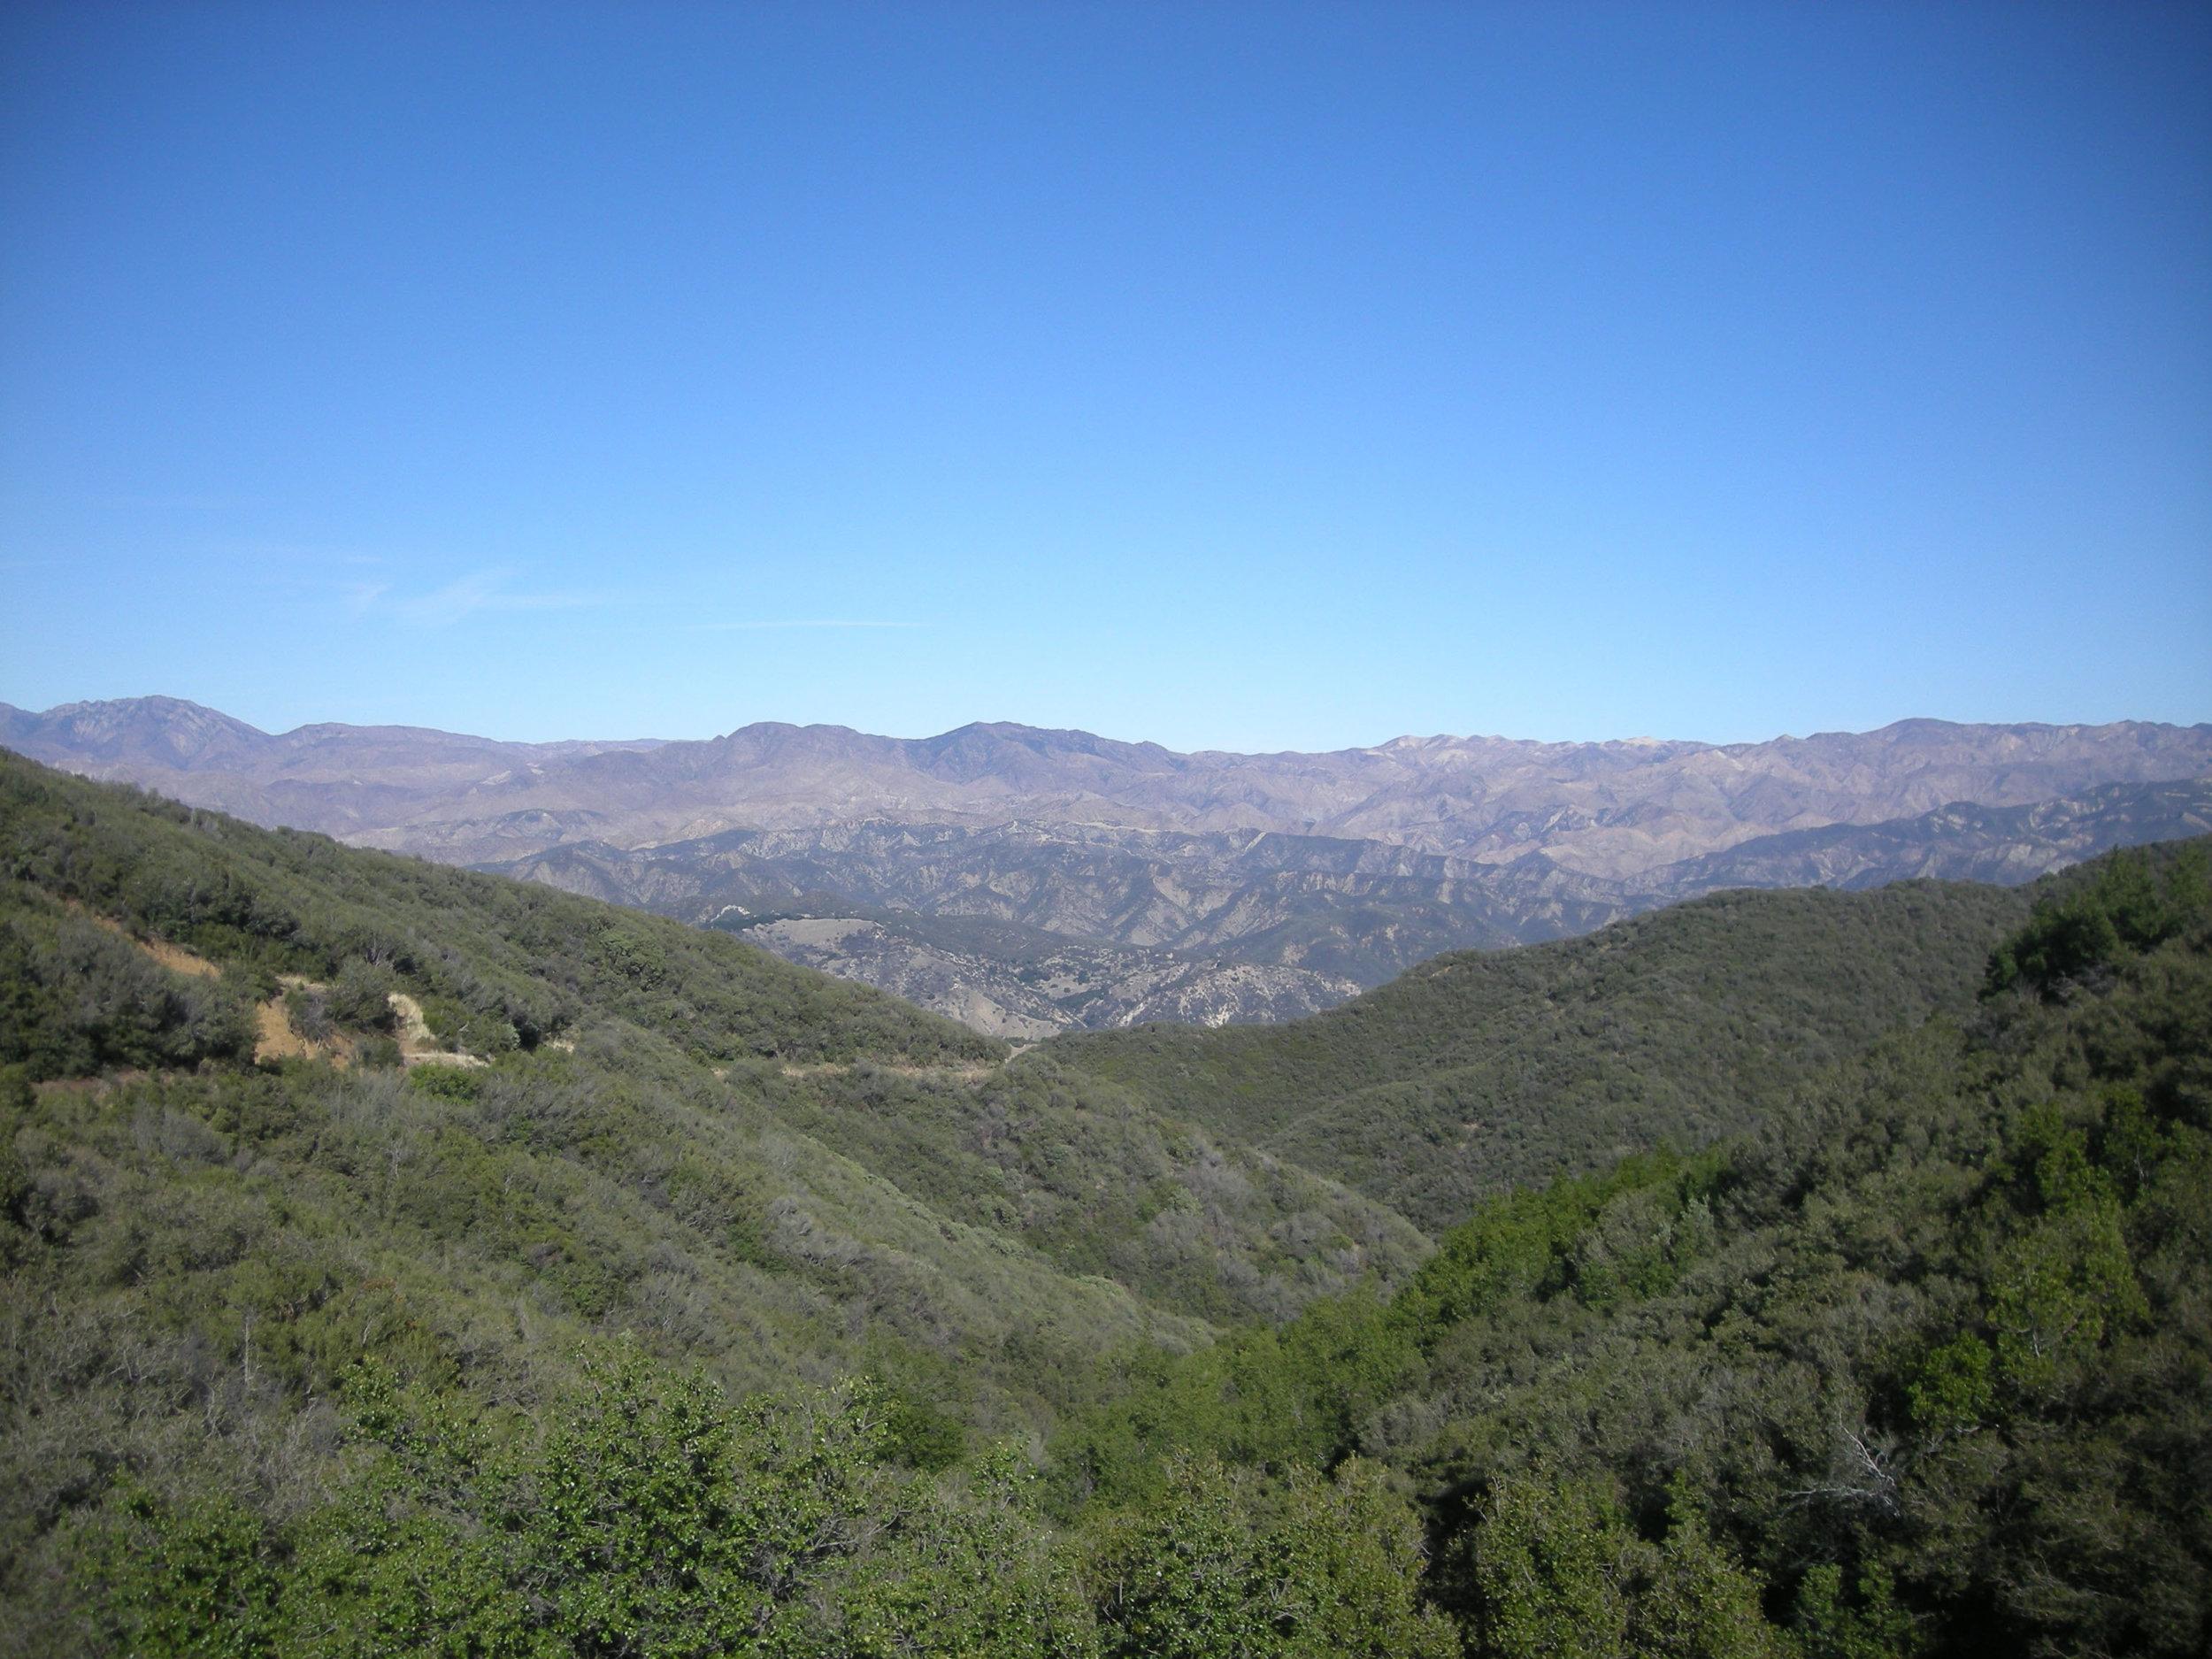 View from Montecito summit.jpg